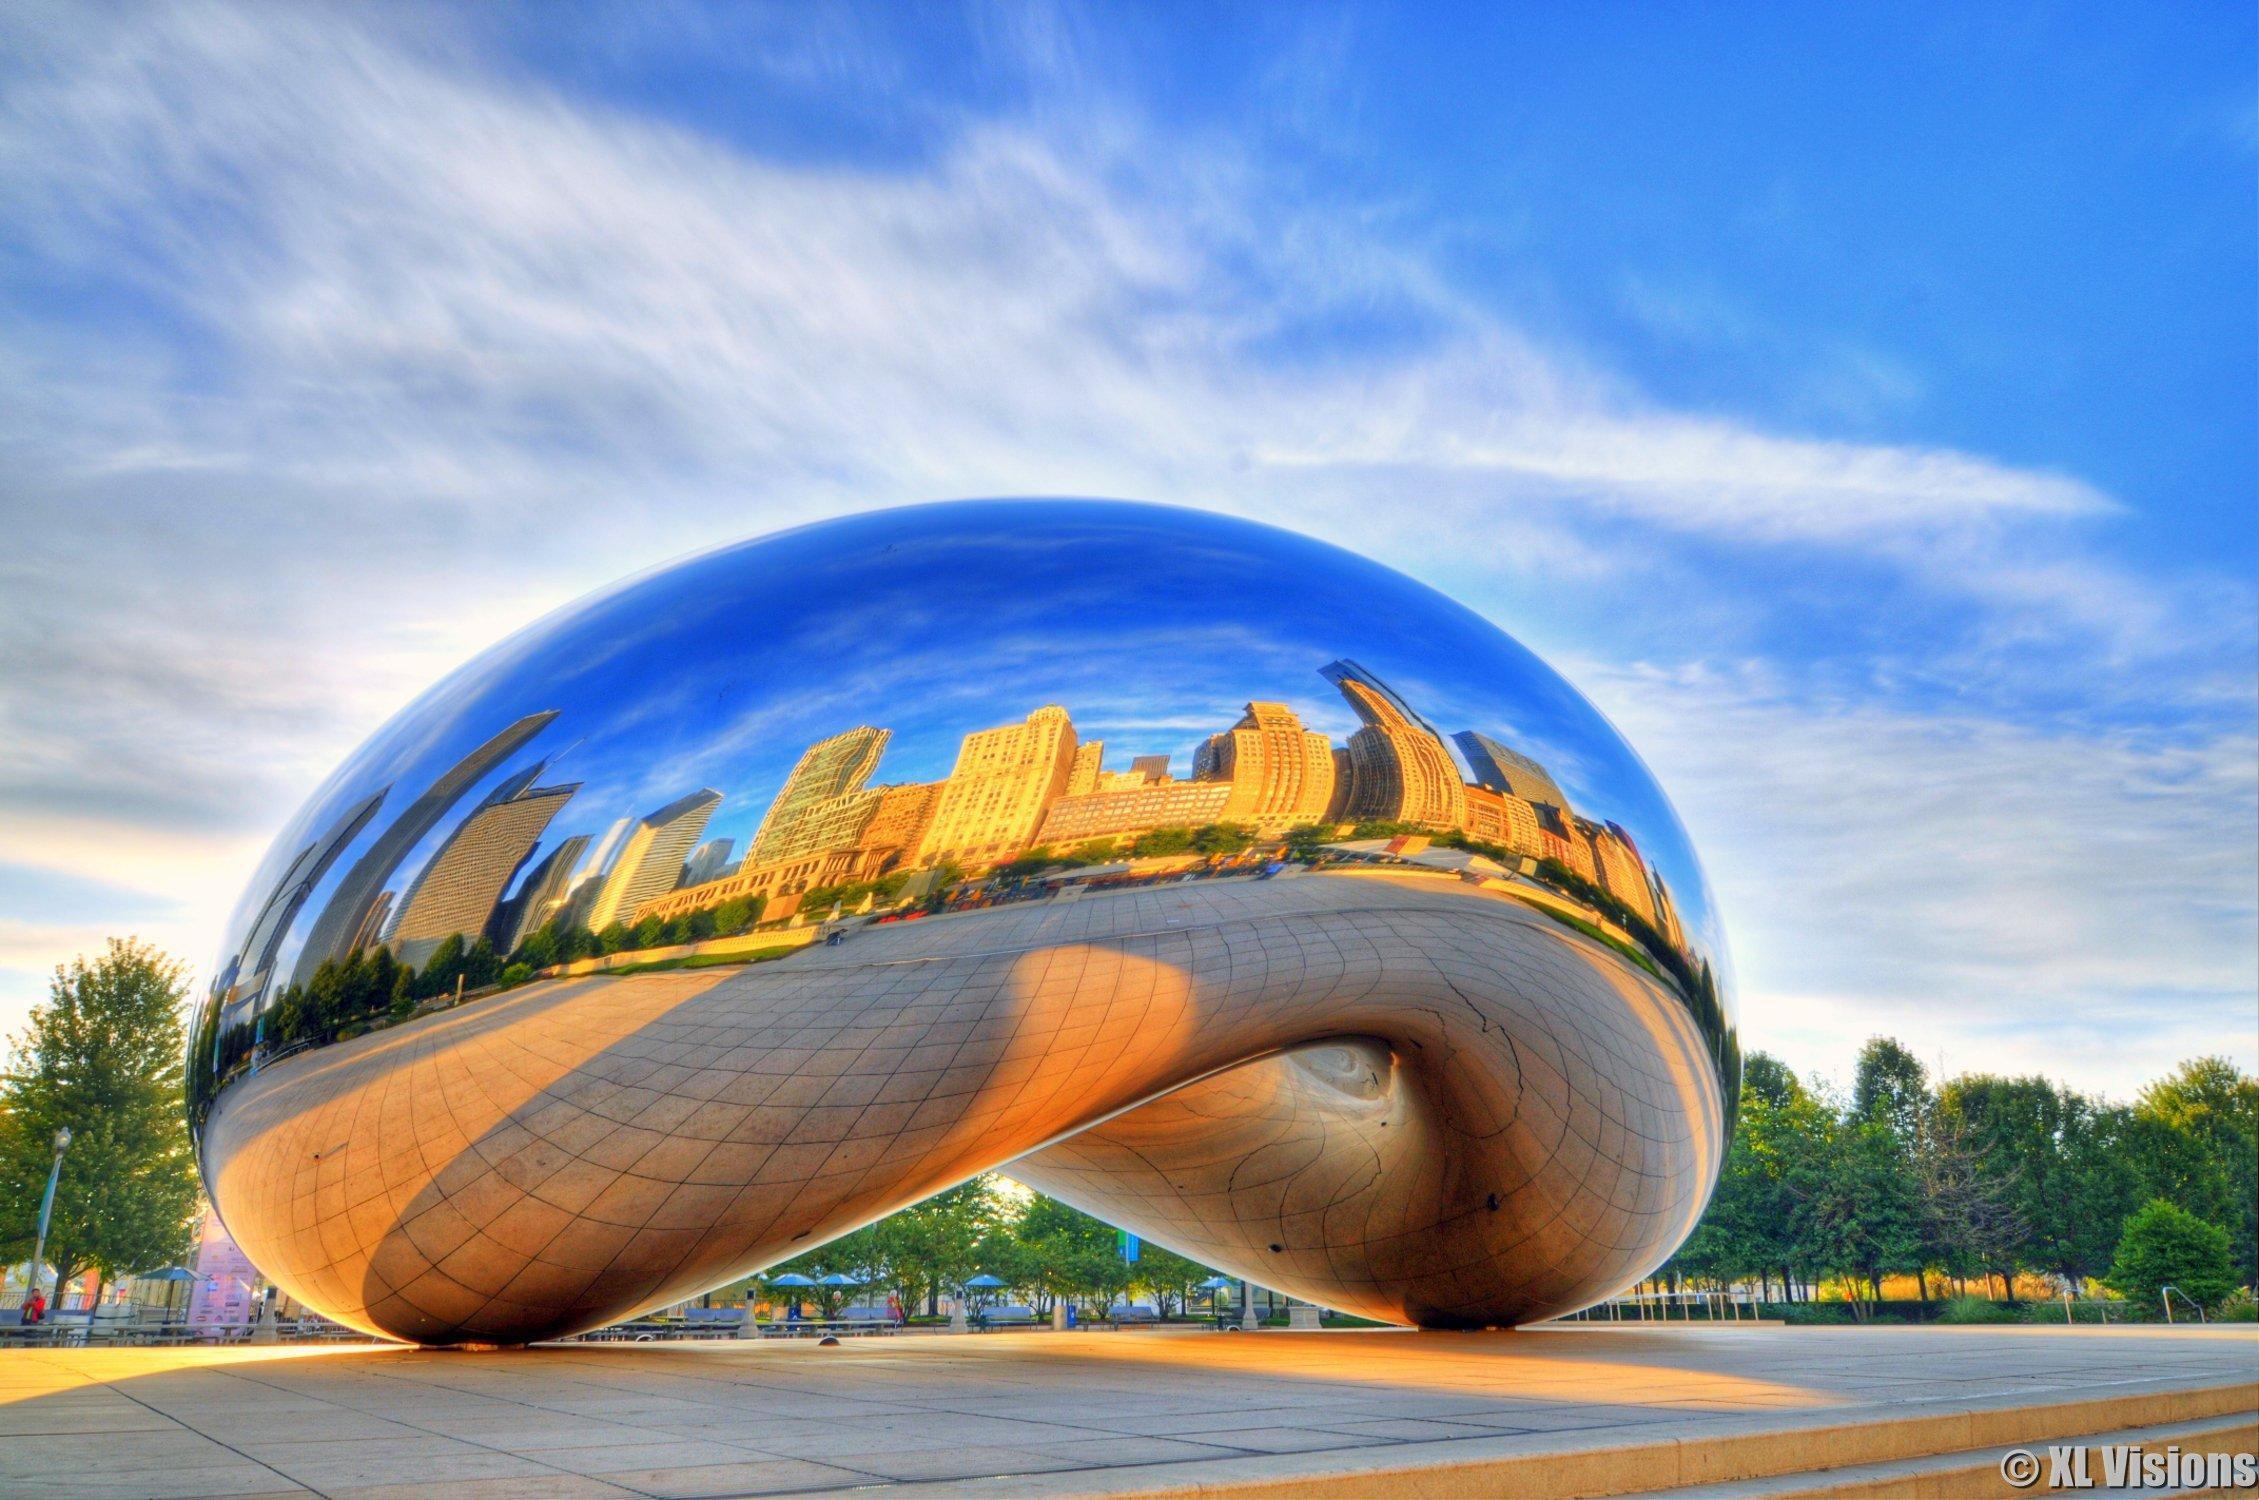 the bean at millenium park, il